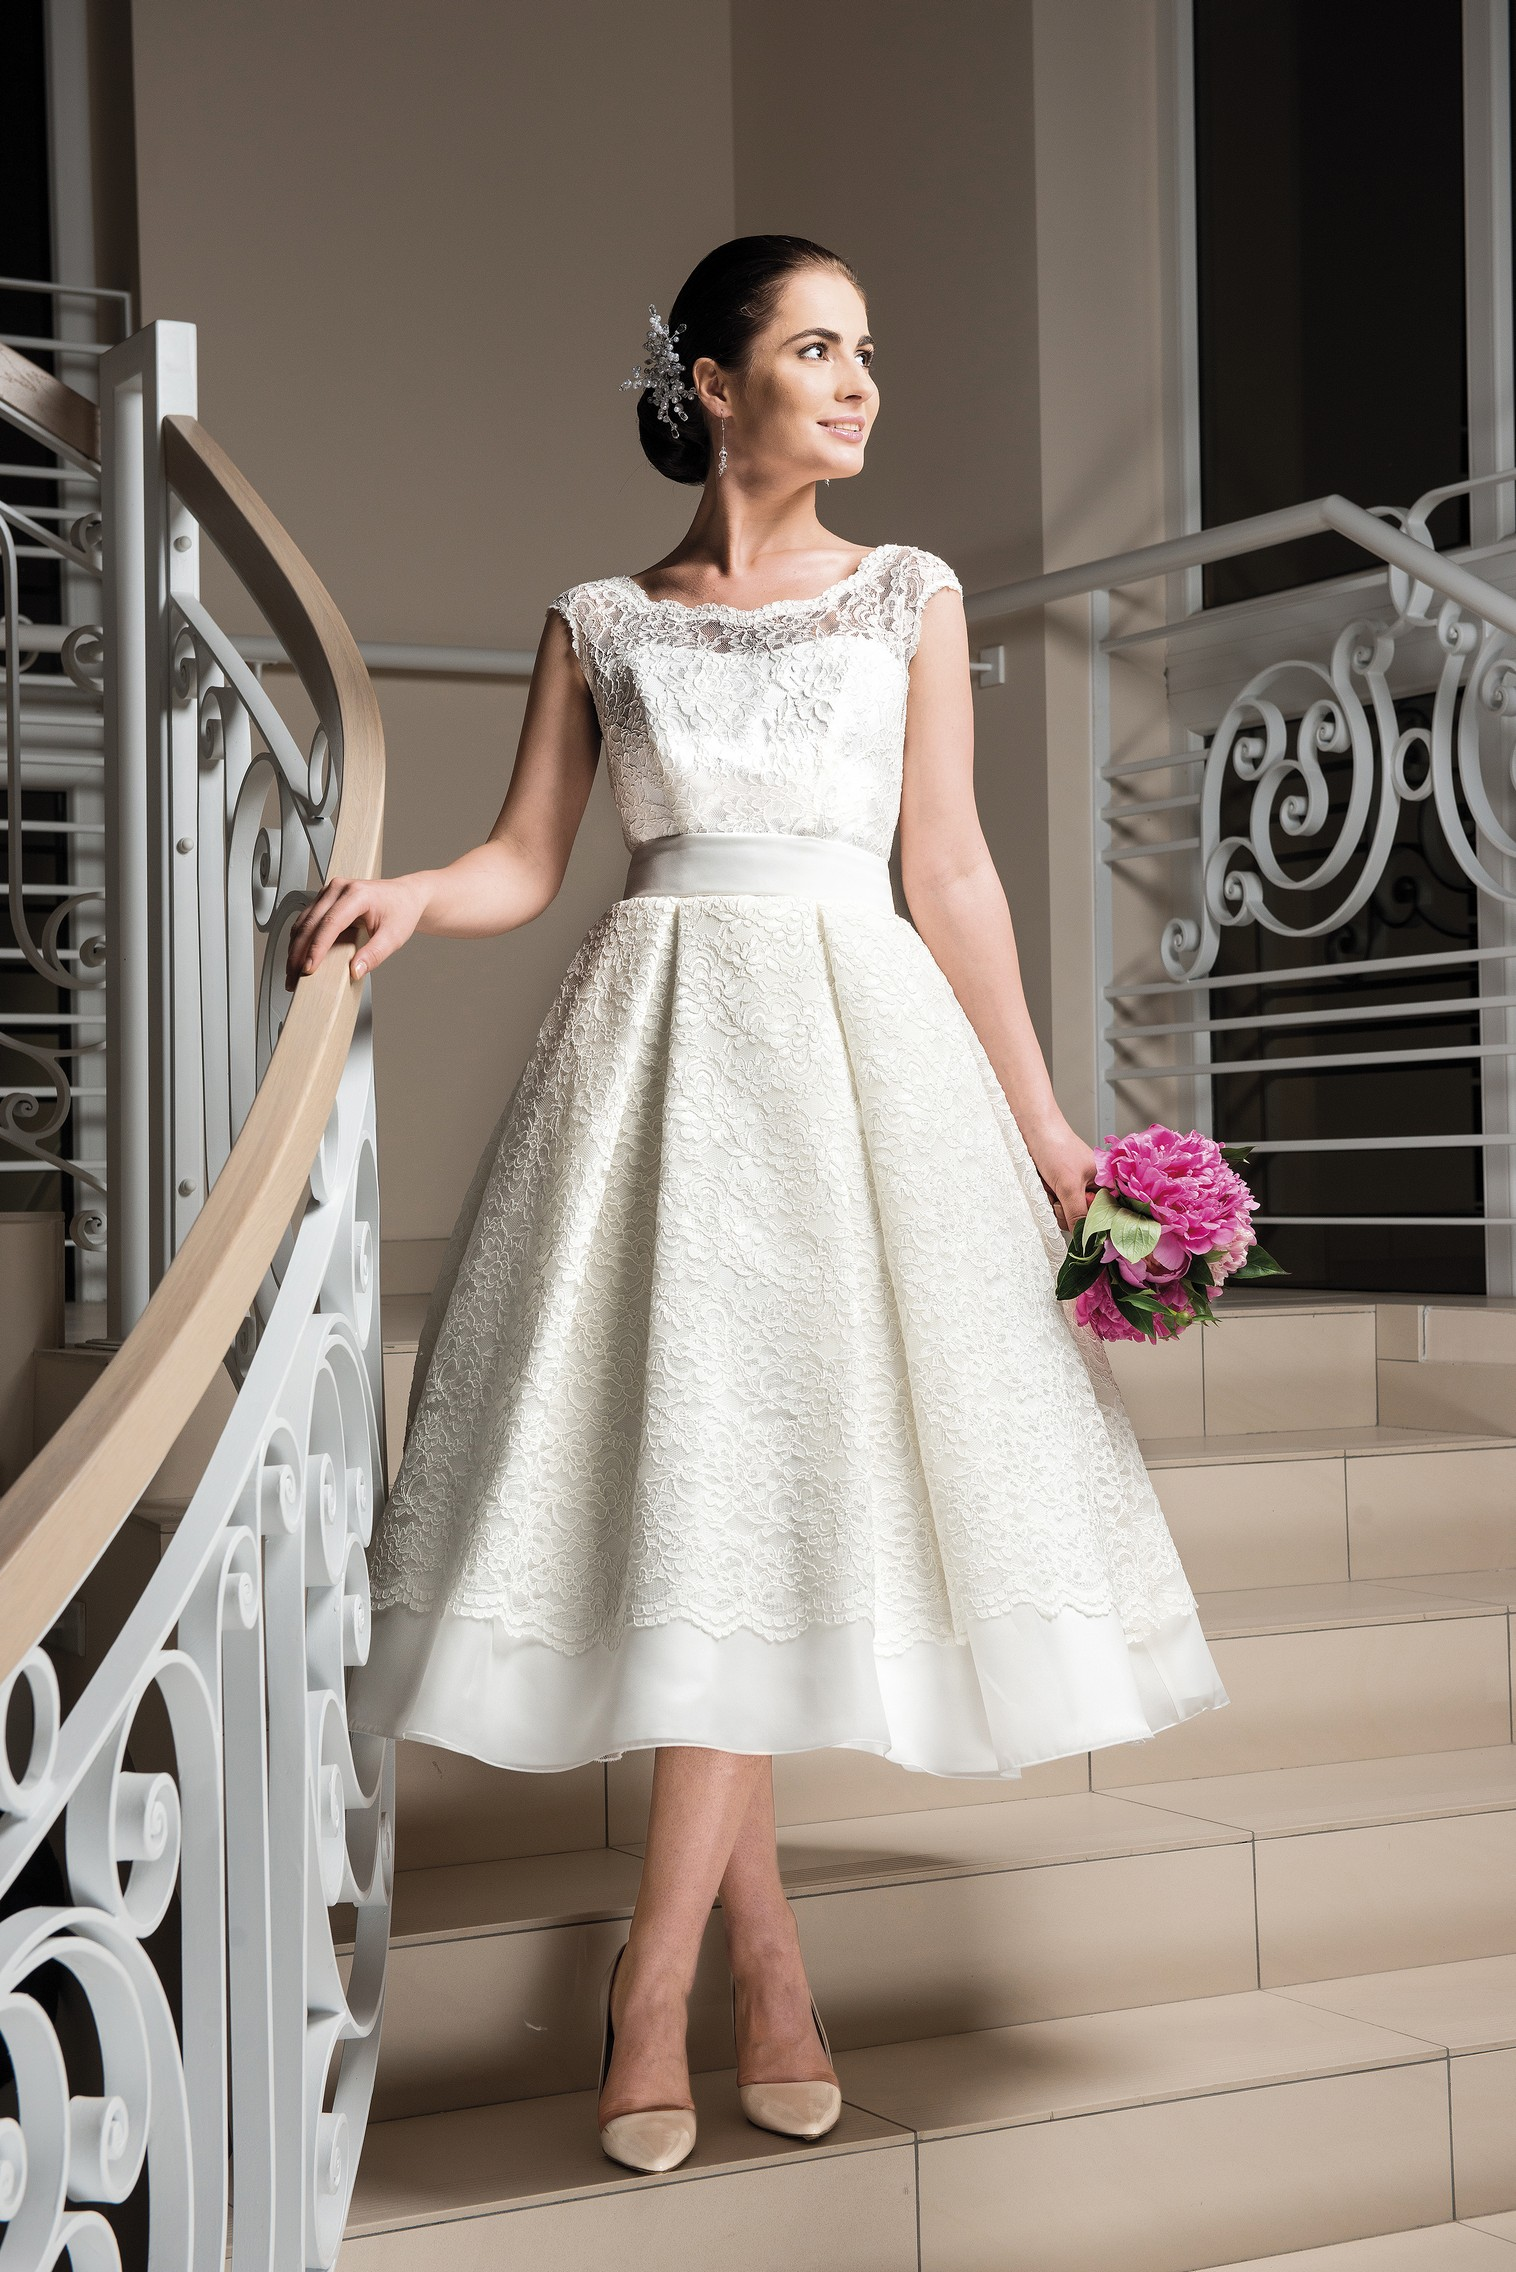 60er jahre brautkleid aus schönster spitze - kleiderfreuden